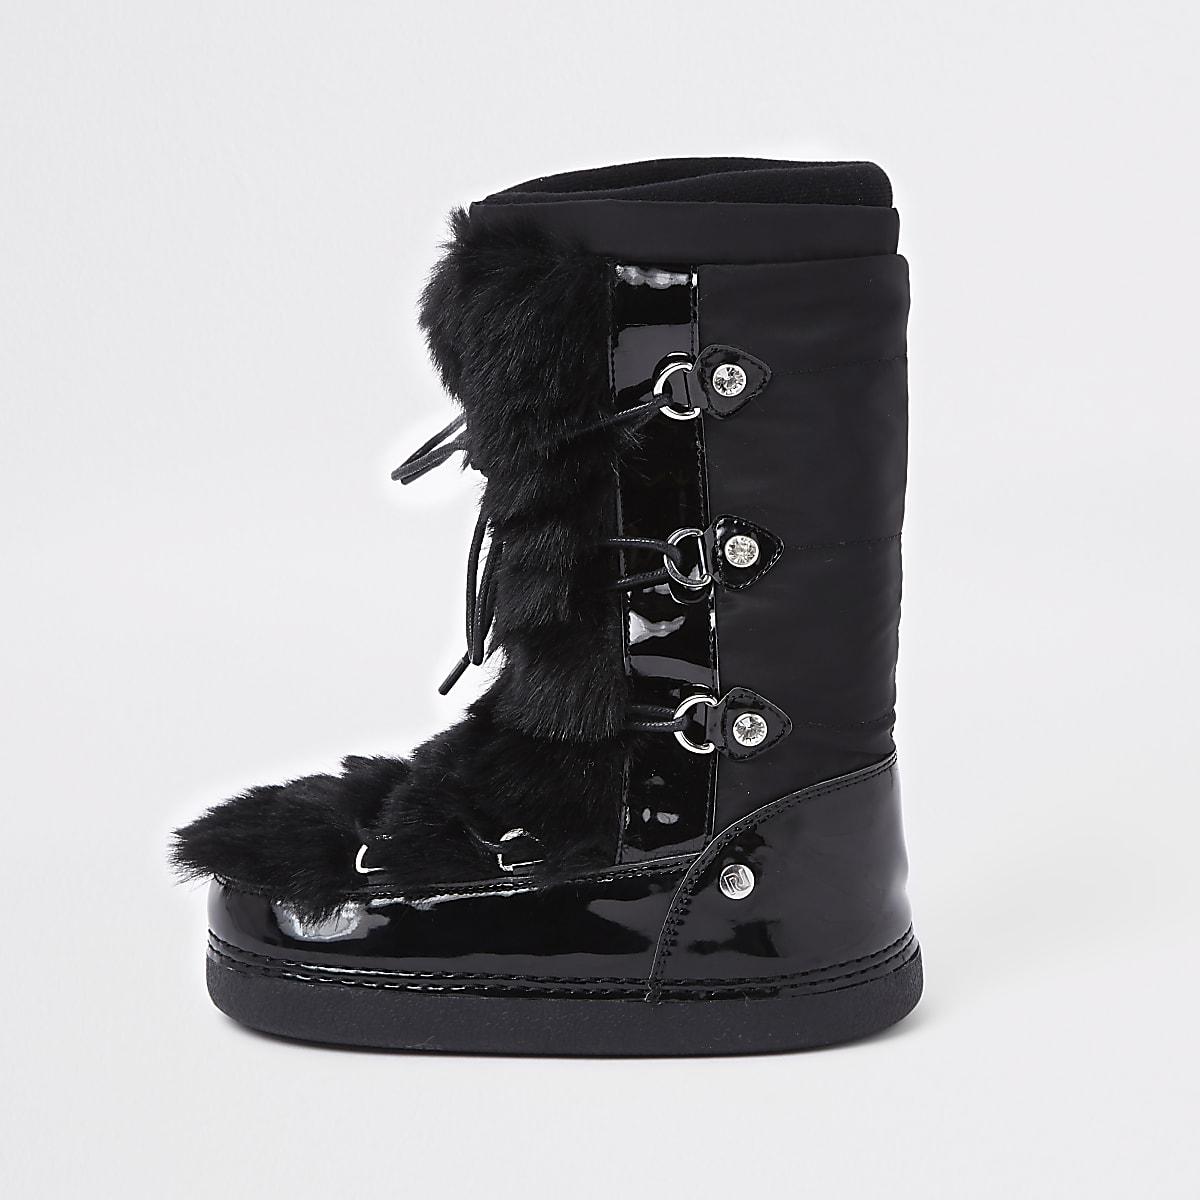 Zwarte laarzen met rand van imitatiebont voor meisjes